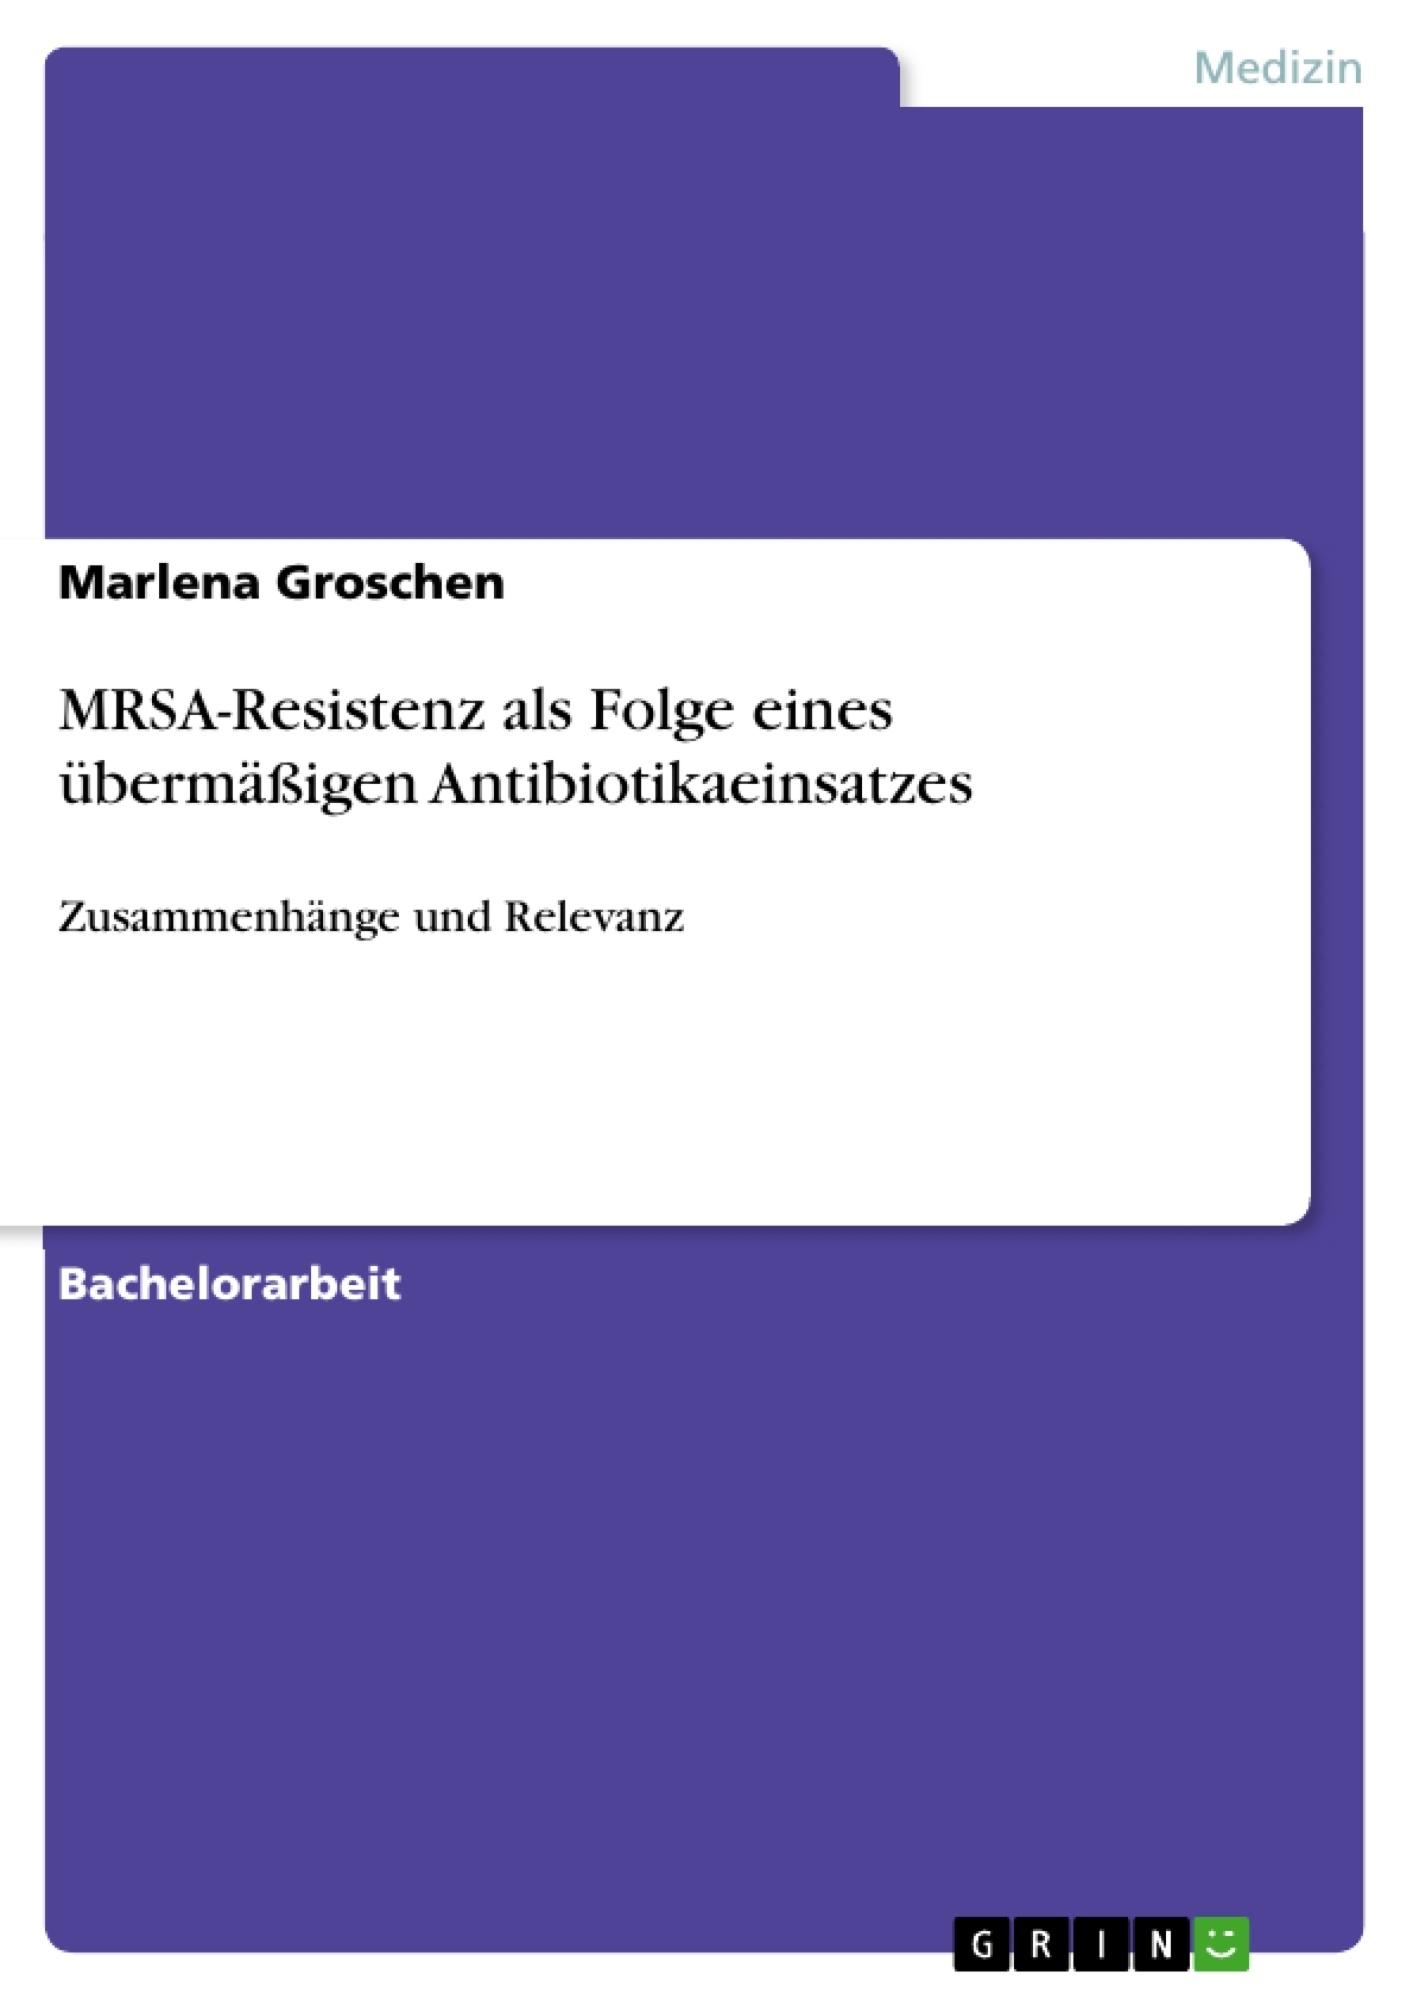 Titel: MRSA-Resistenz als Folge eines übermäßigen Antibiotikaeinsatzes